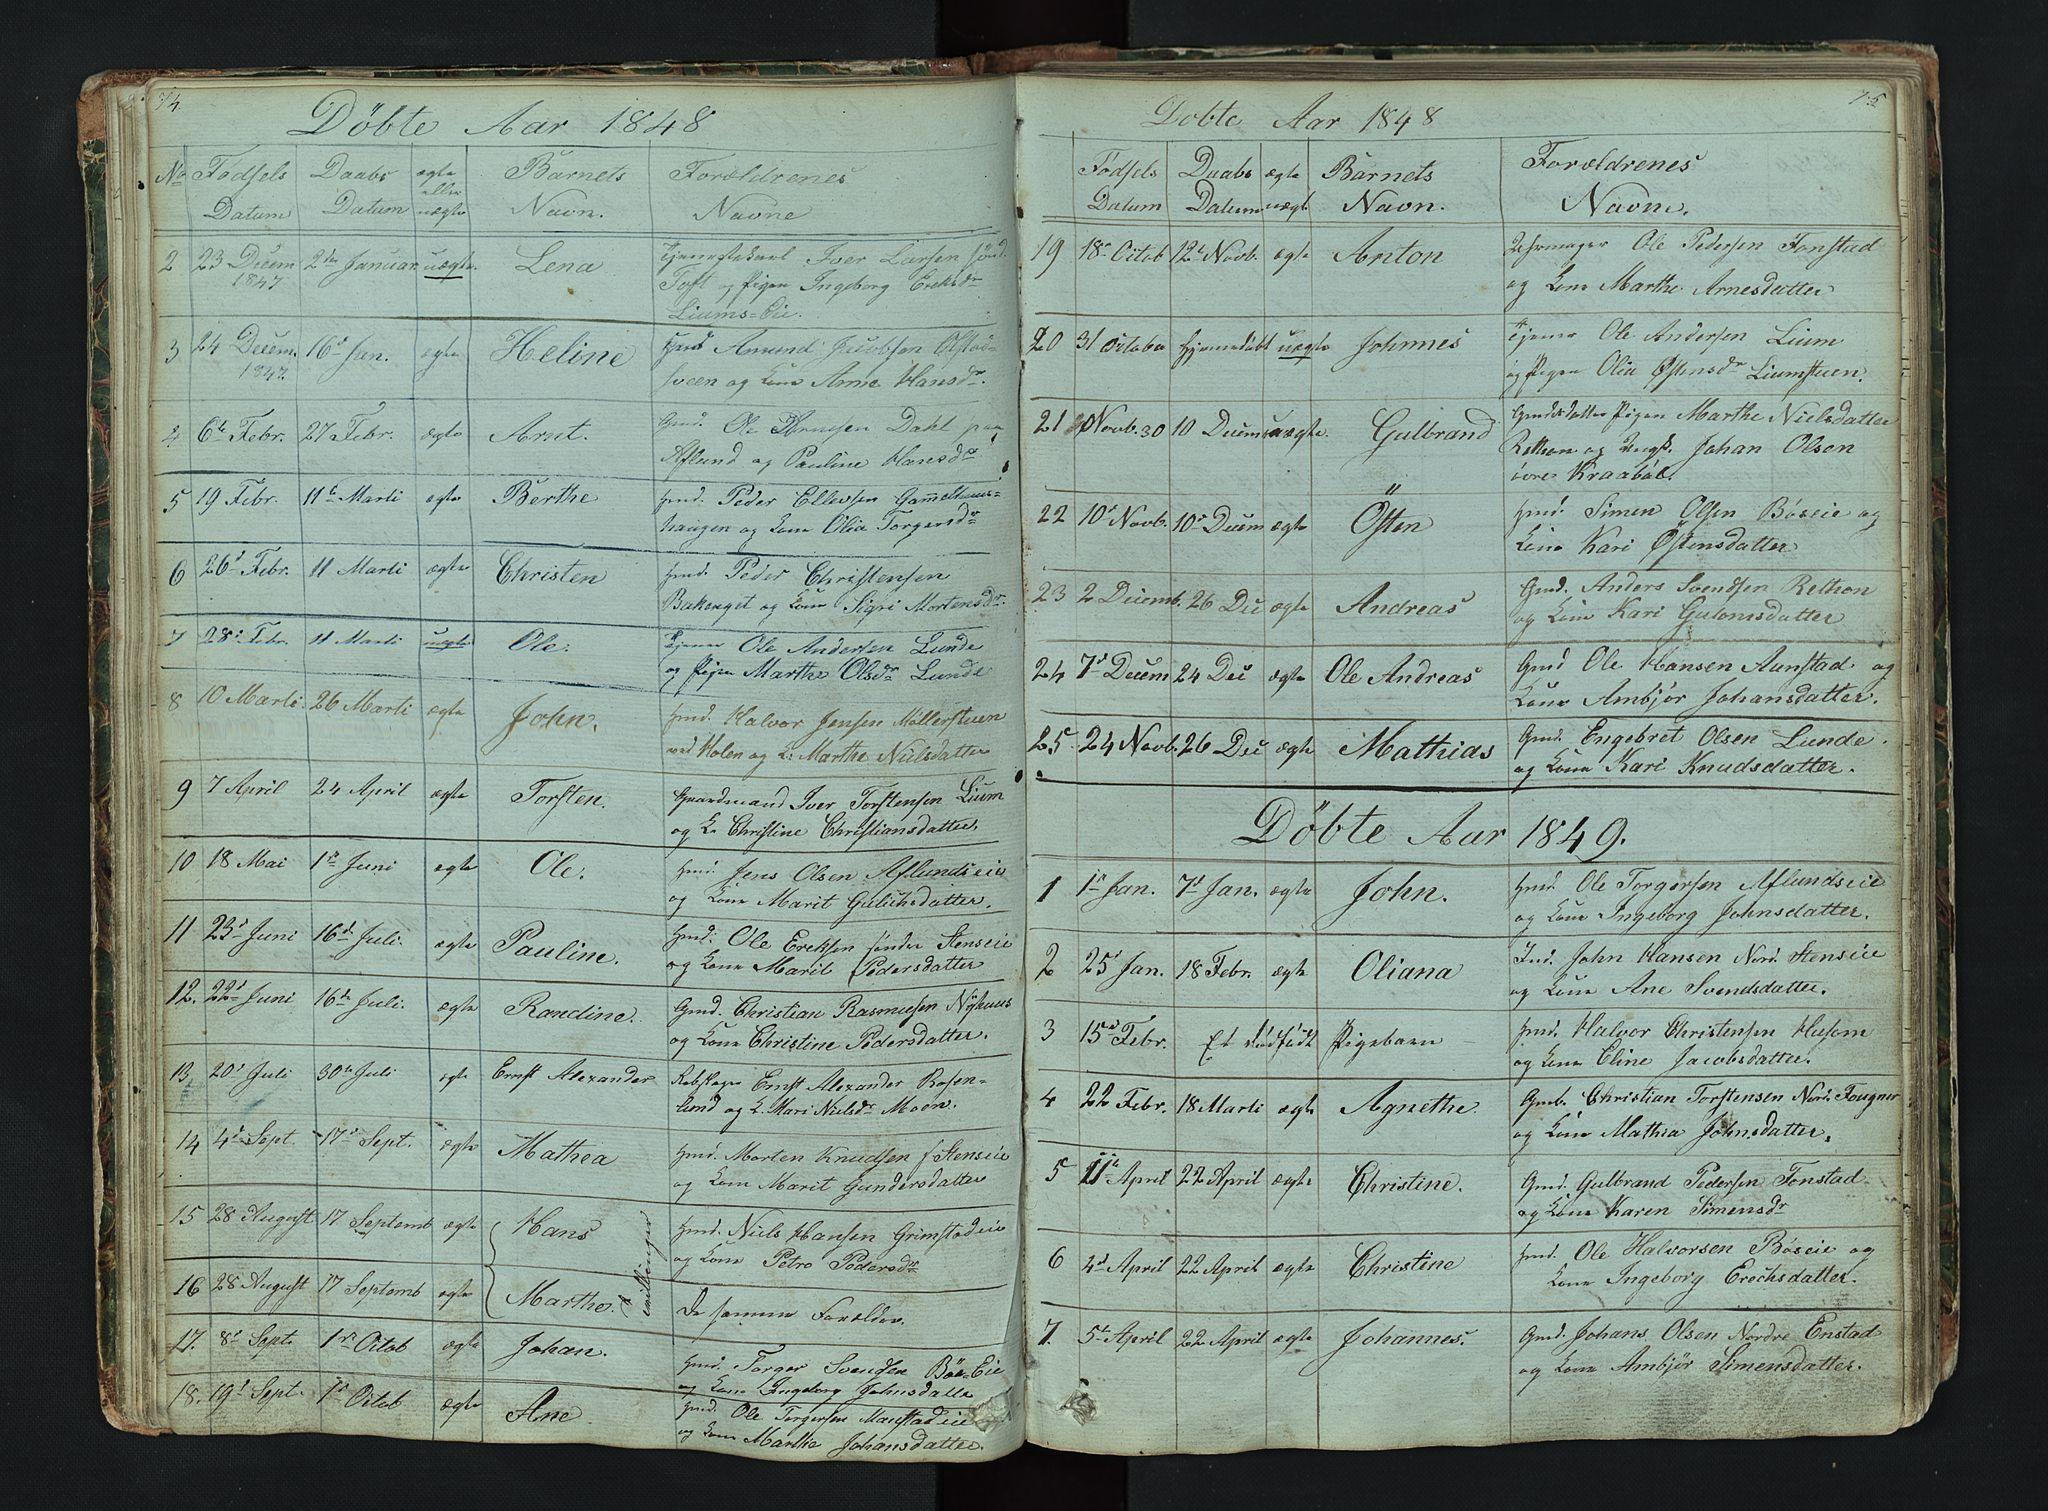 SAH, Gausdal prestekontor, Klokkerbok nr. 6, 1846-1893, s. 74-75